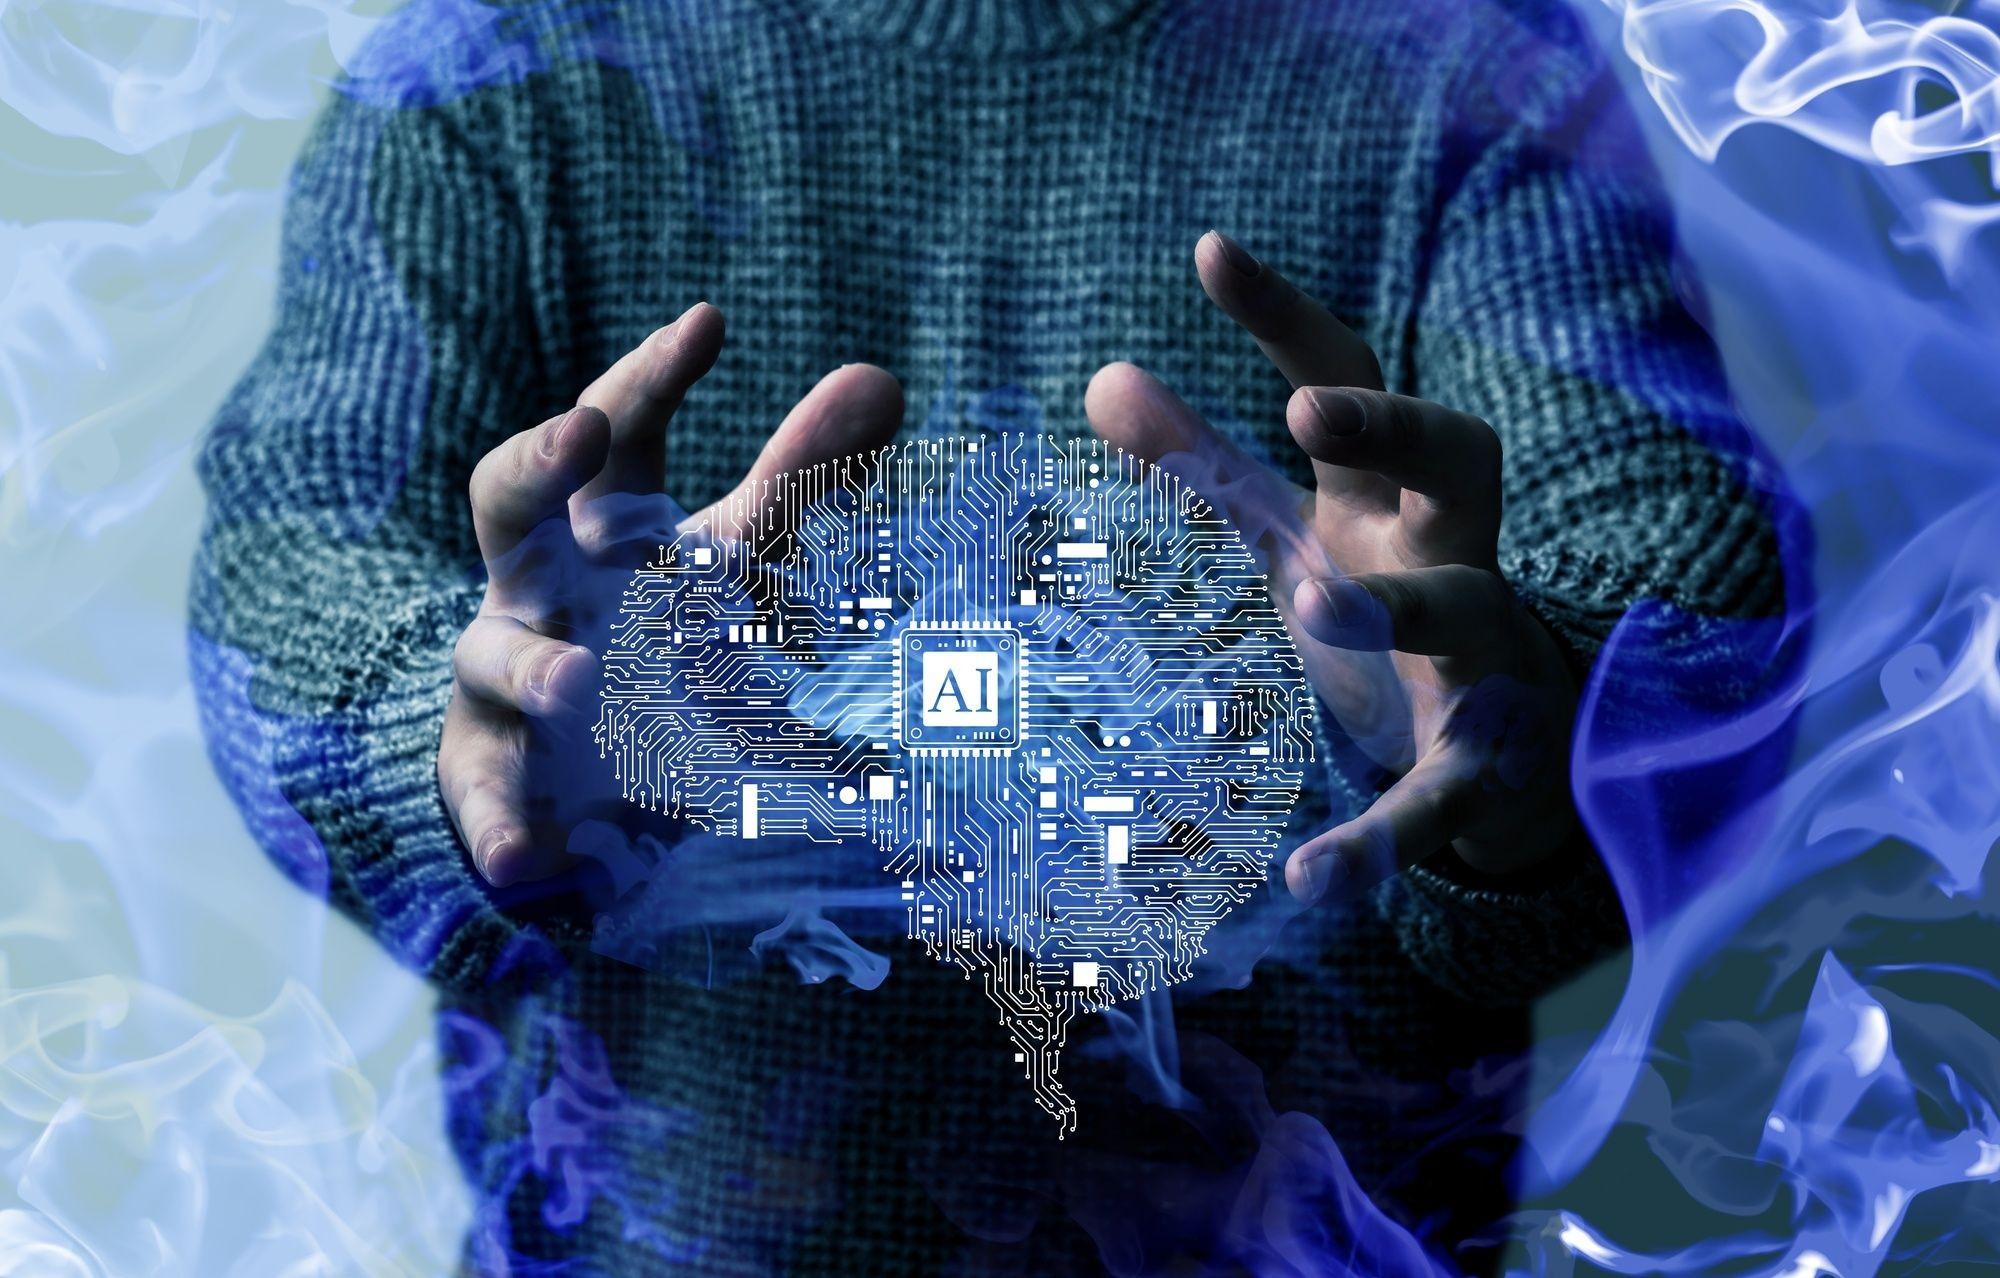 ライフサイエンス分野で進むAI活用、産学連携で競争力向上へ